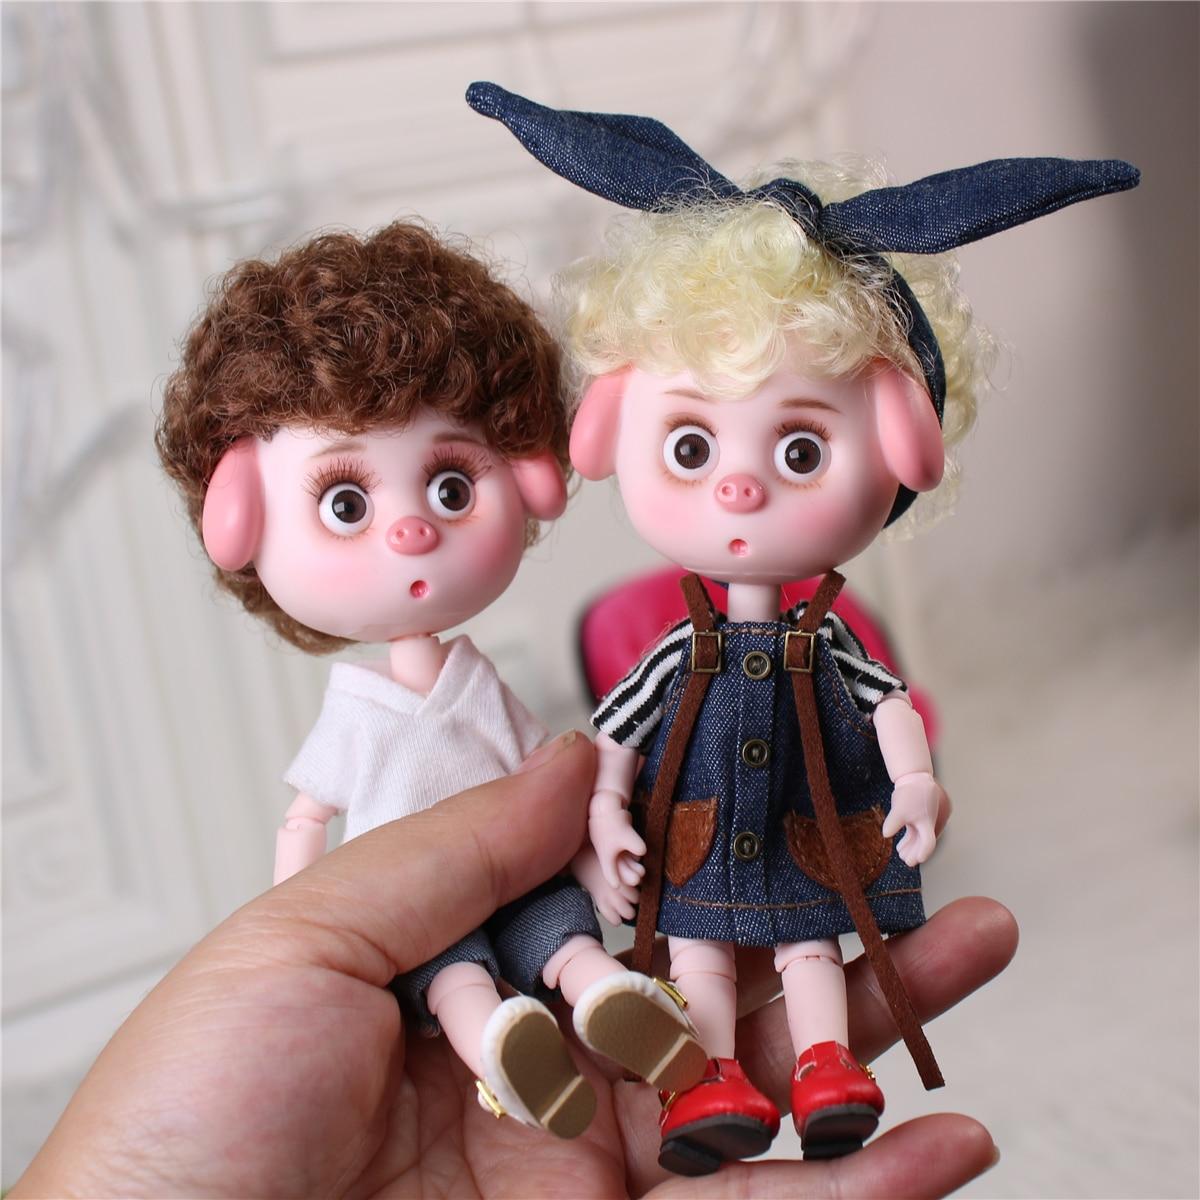 Кукла Додо шарнирная, 14 см, с одеждой и обувью